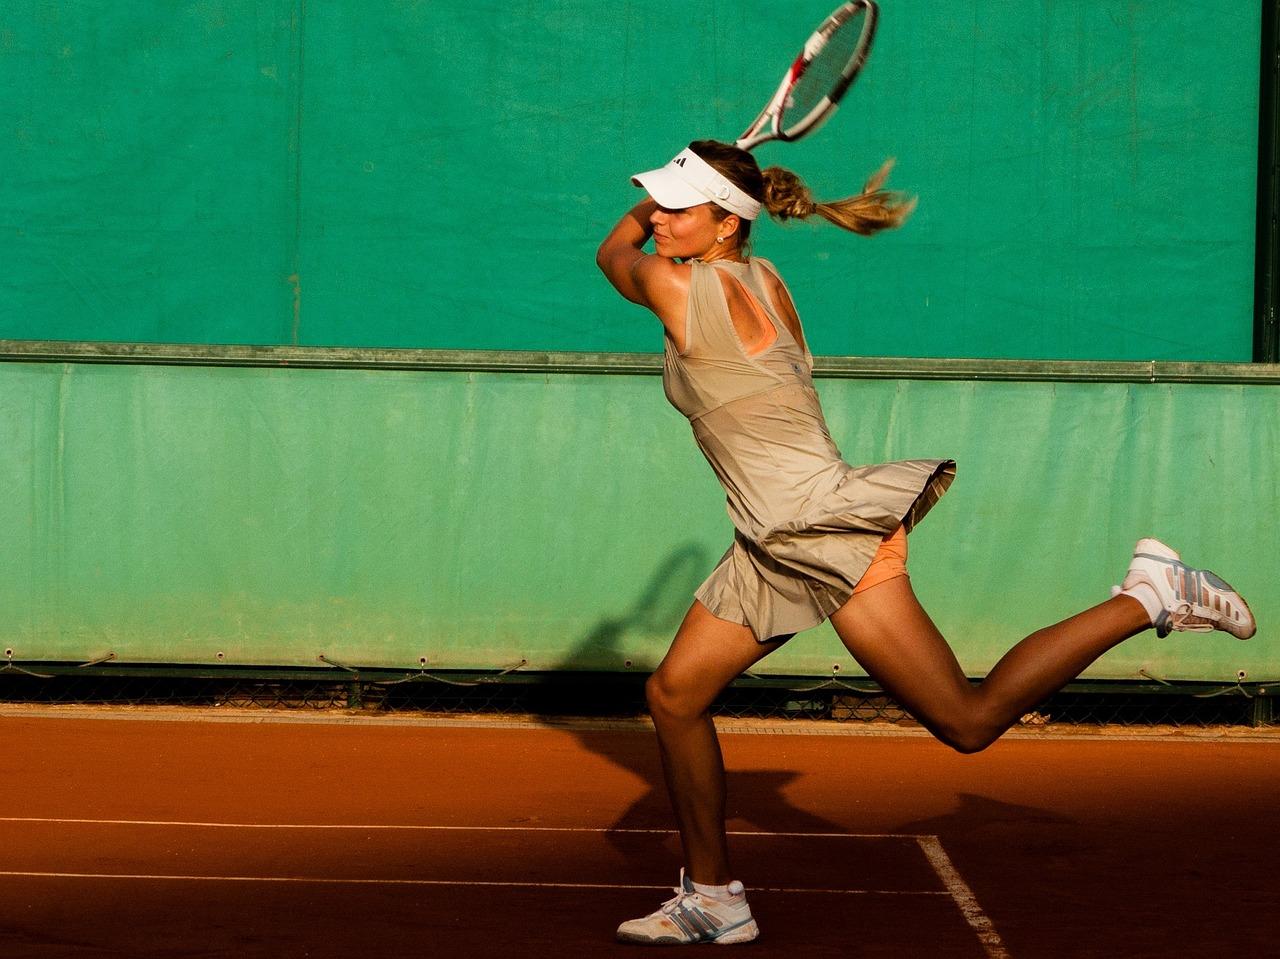 boala jucătorului de tenis la cot)